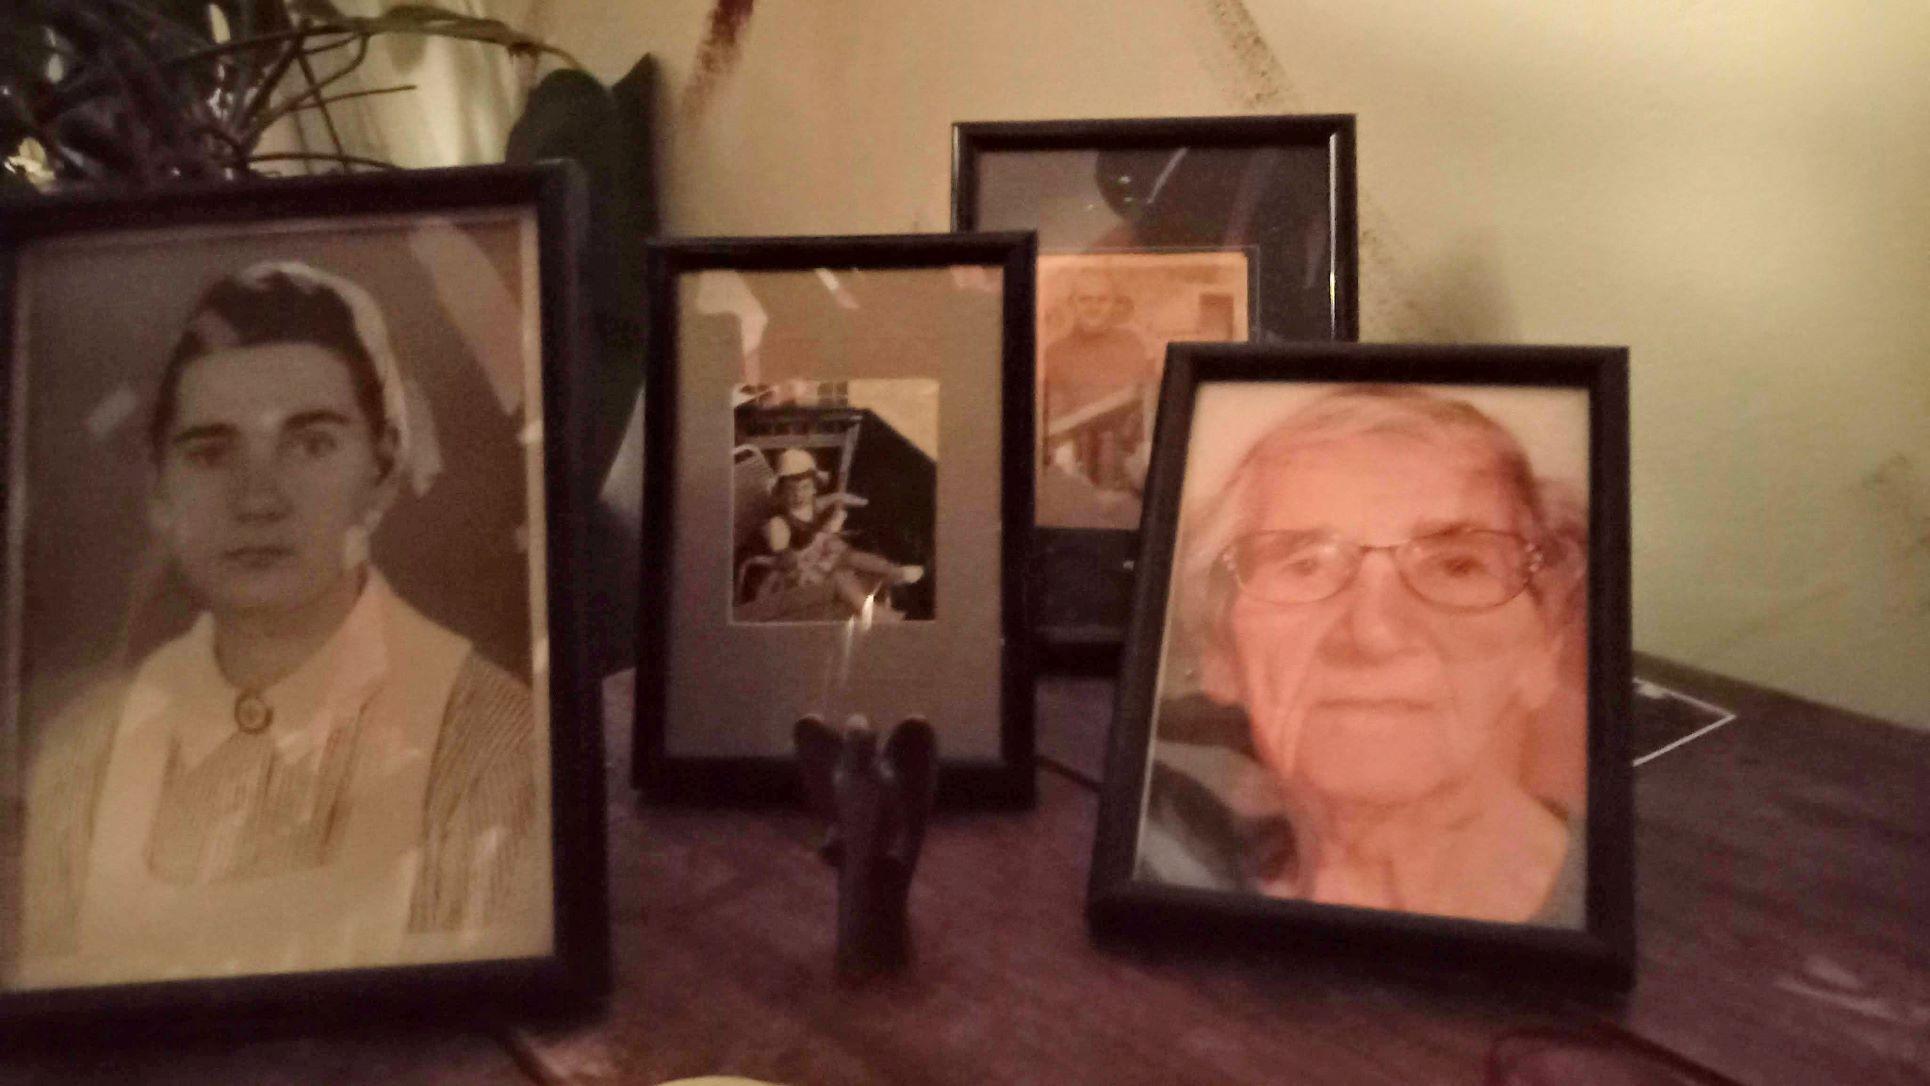 Ein Foto von vier Fotos: Meine Mutter einmal als junge und einmal als alte Frau, dazwischen die kleine Sabine und der beste Onkel von allen.